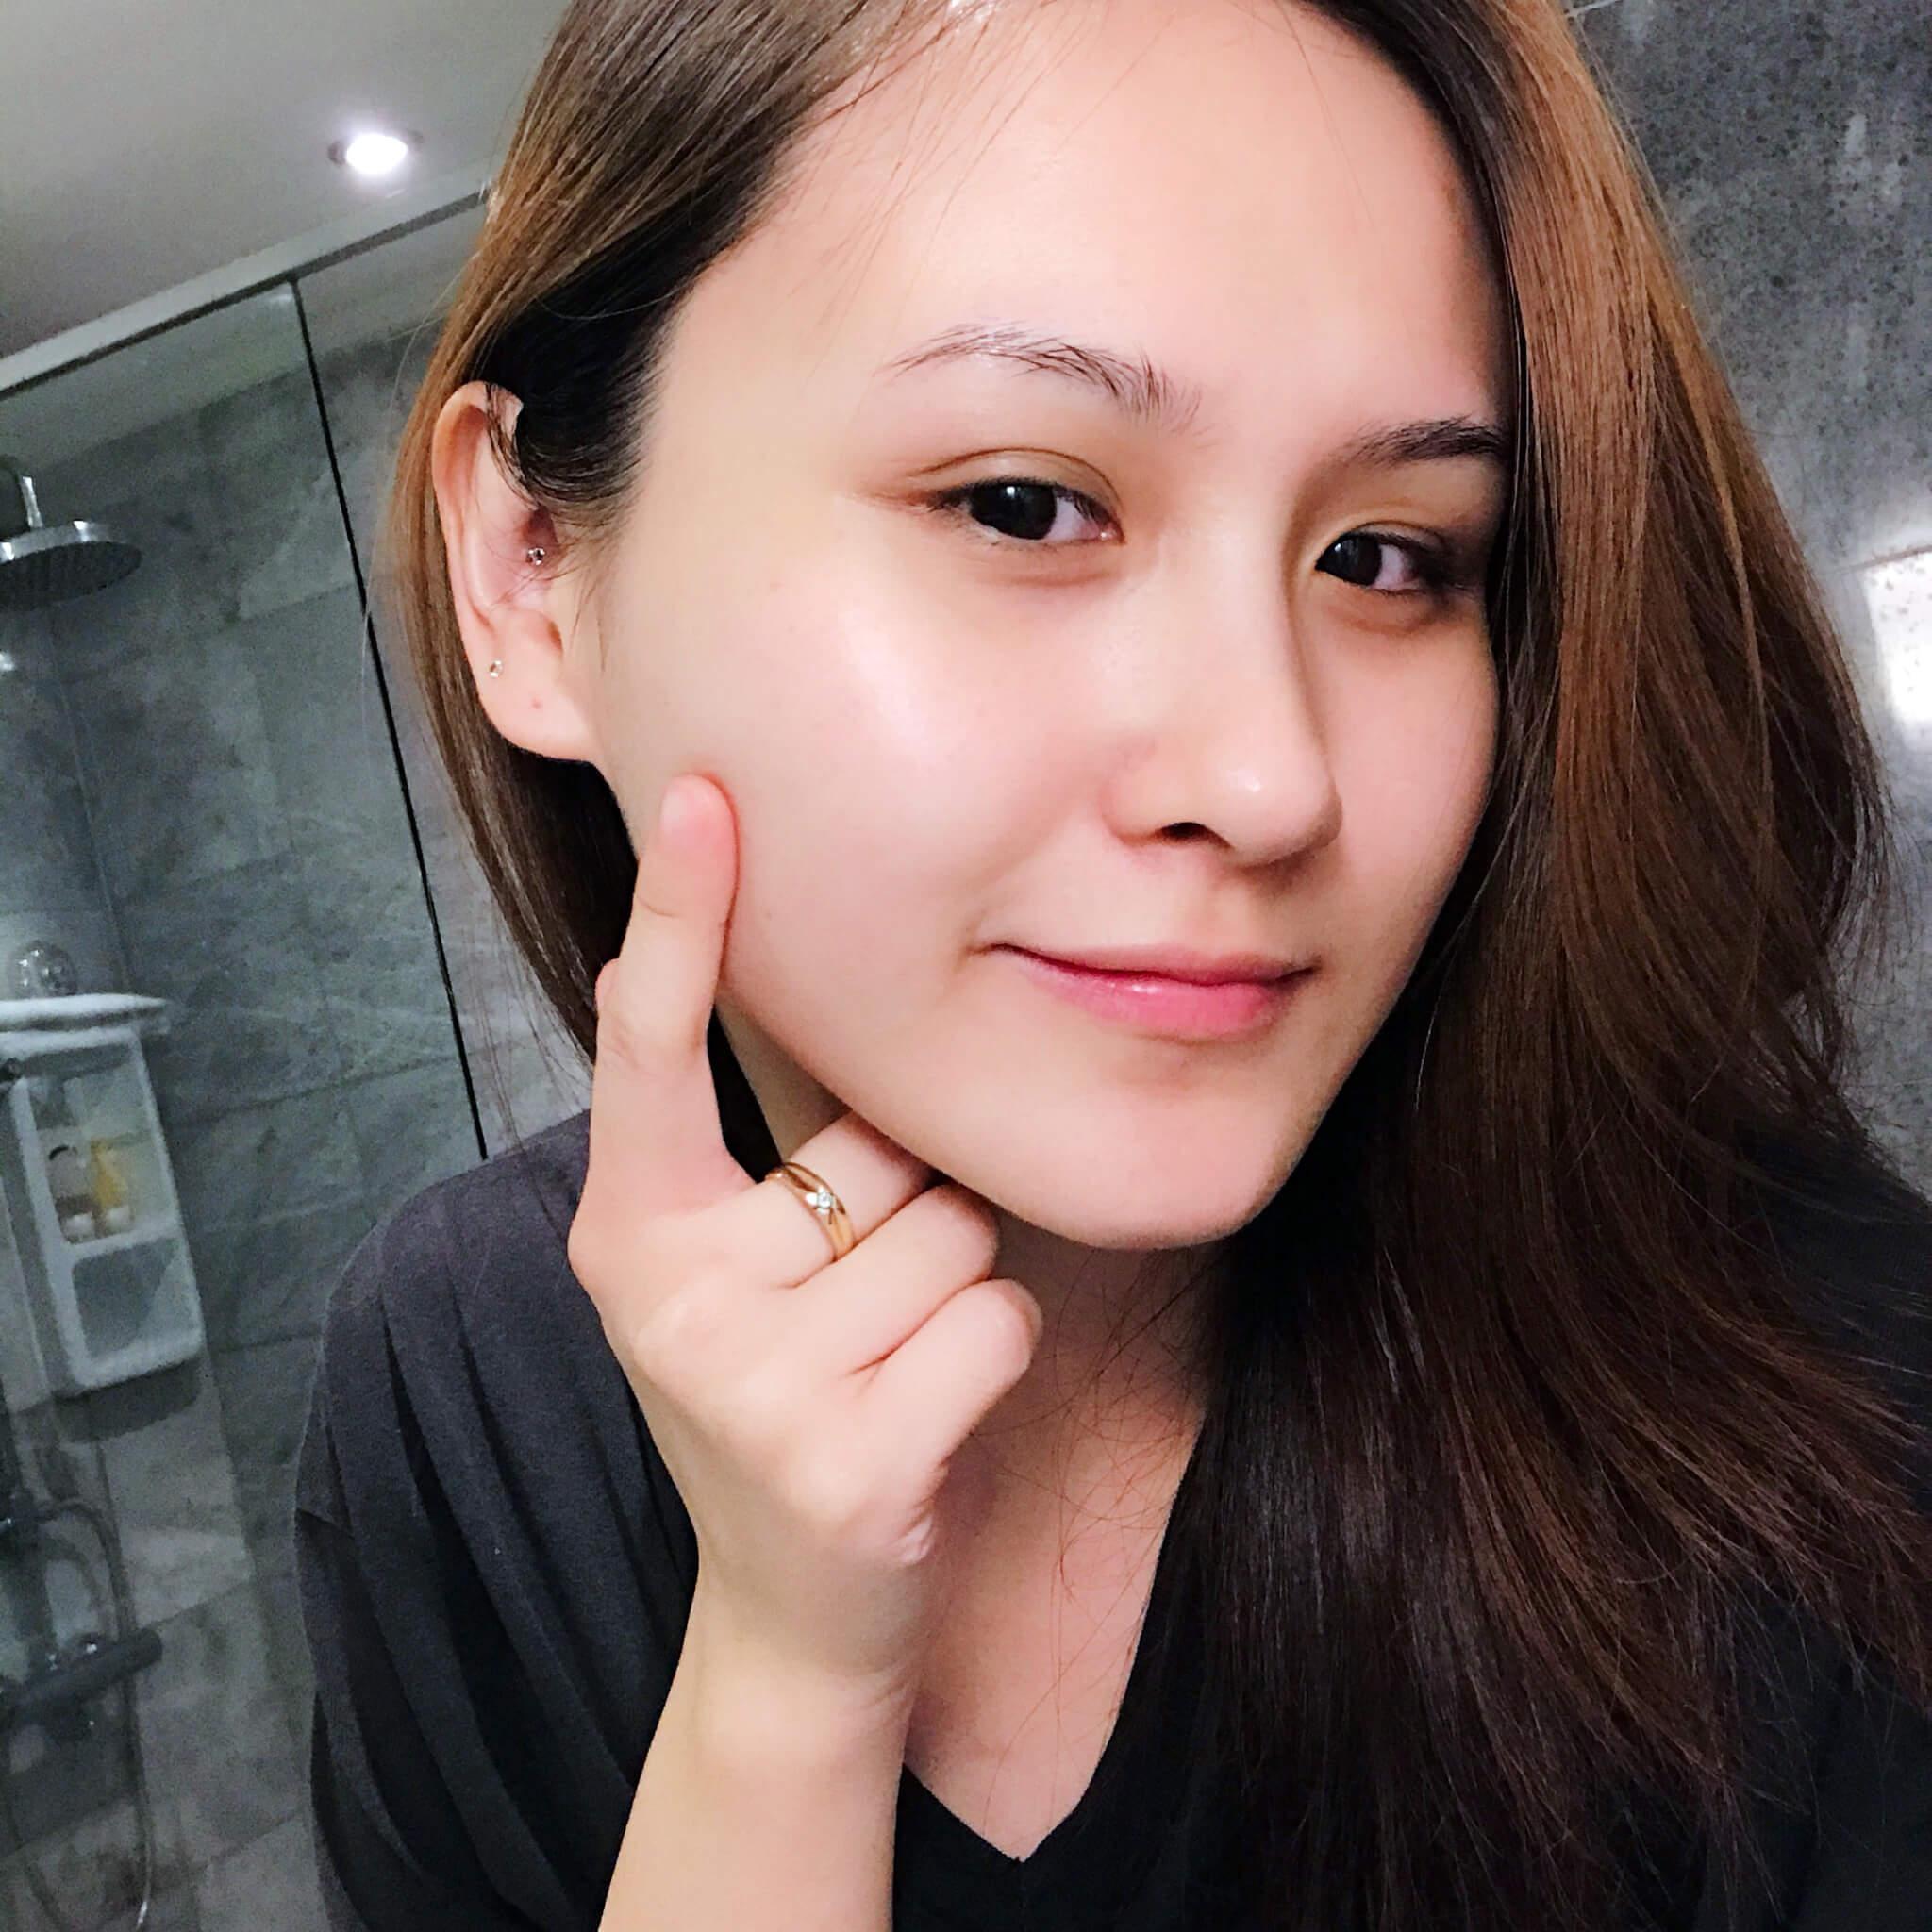 越南籍空姐_181210_0009